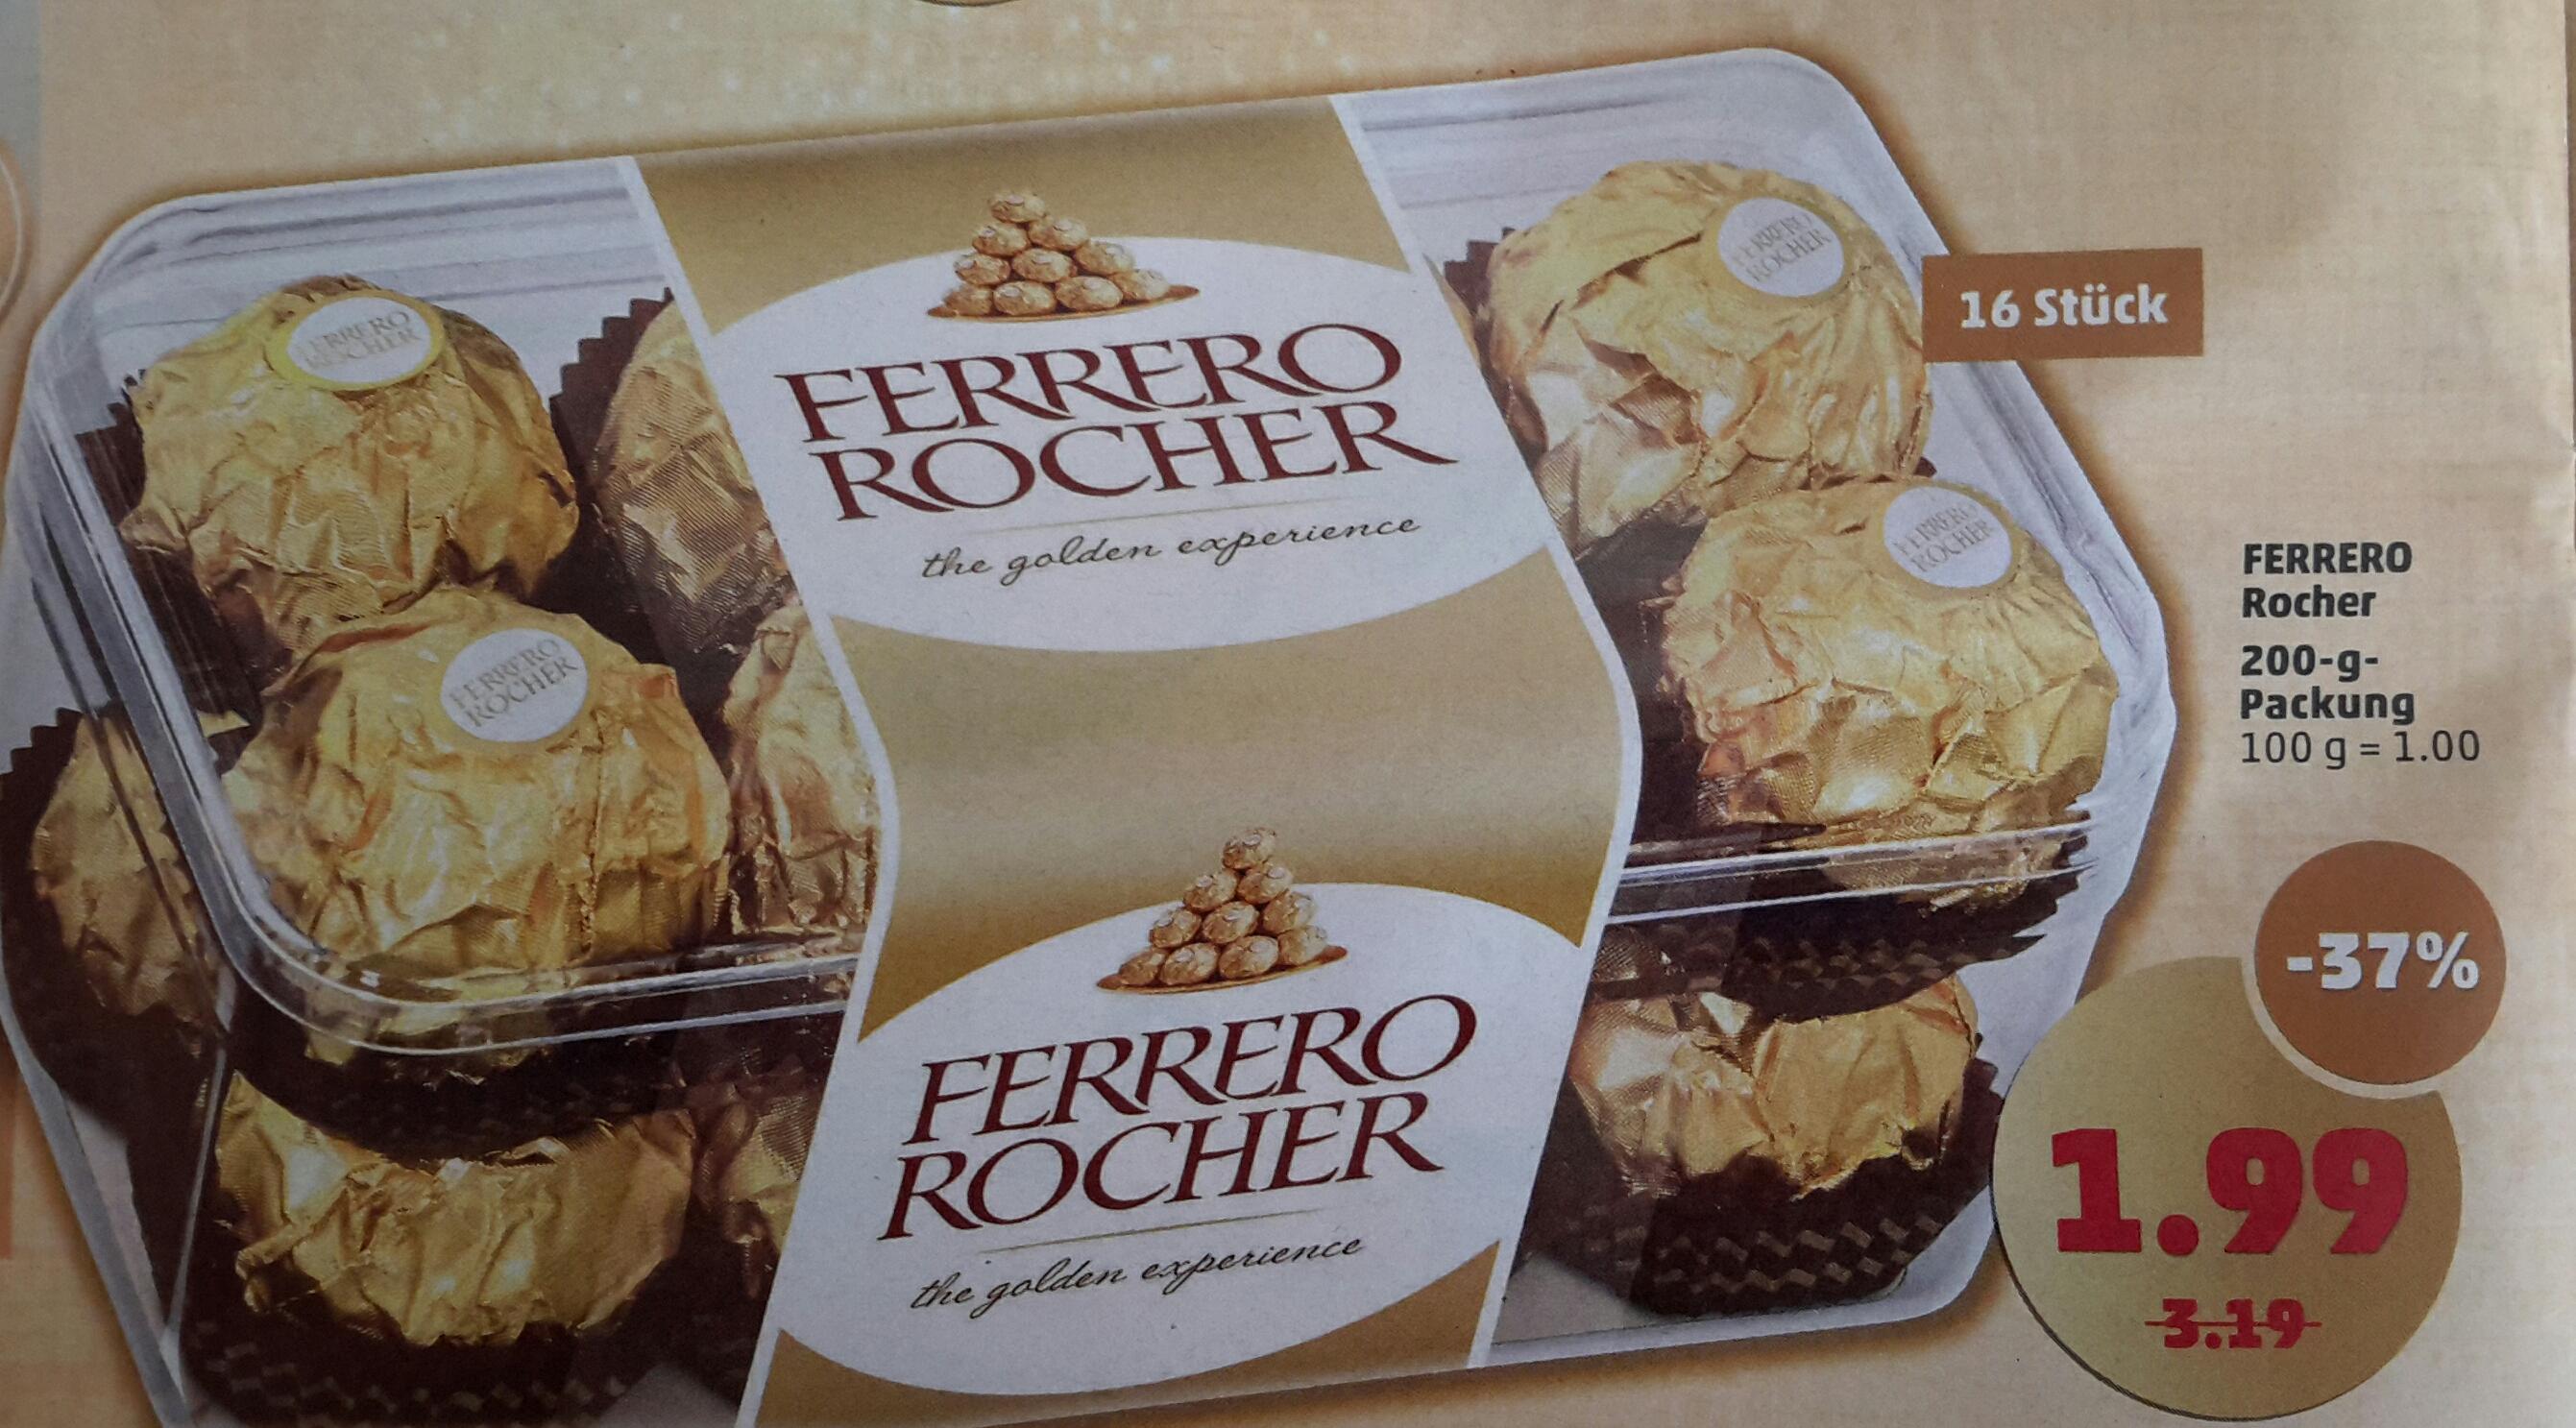 [Penny] Ferrero Rocher 16 Stück 200 Gramm Packung ab 27.03.17 für 1,99 €.